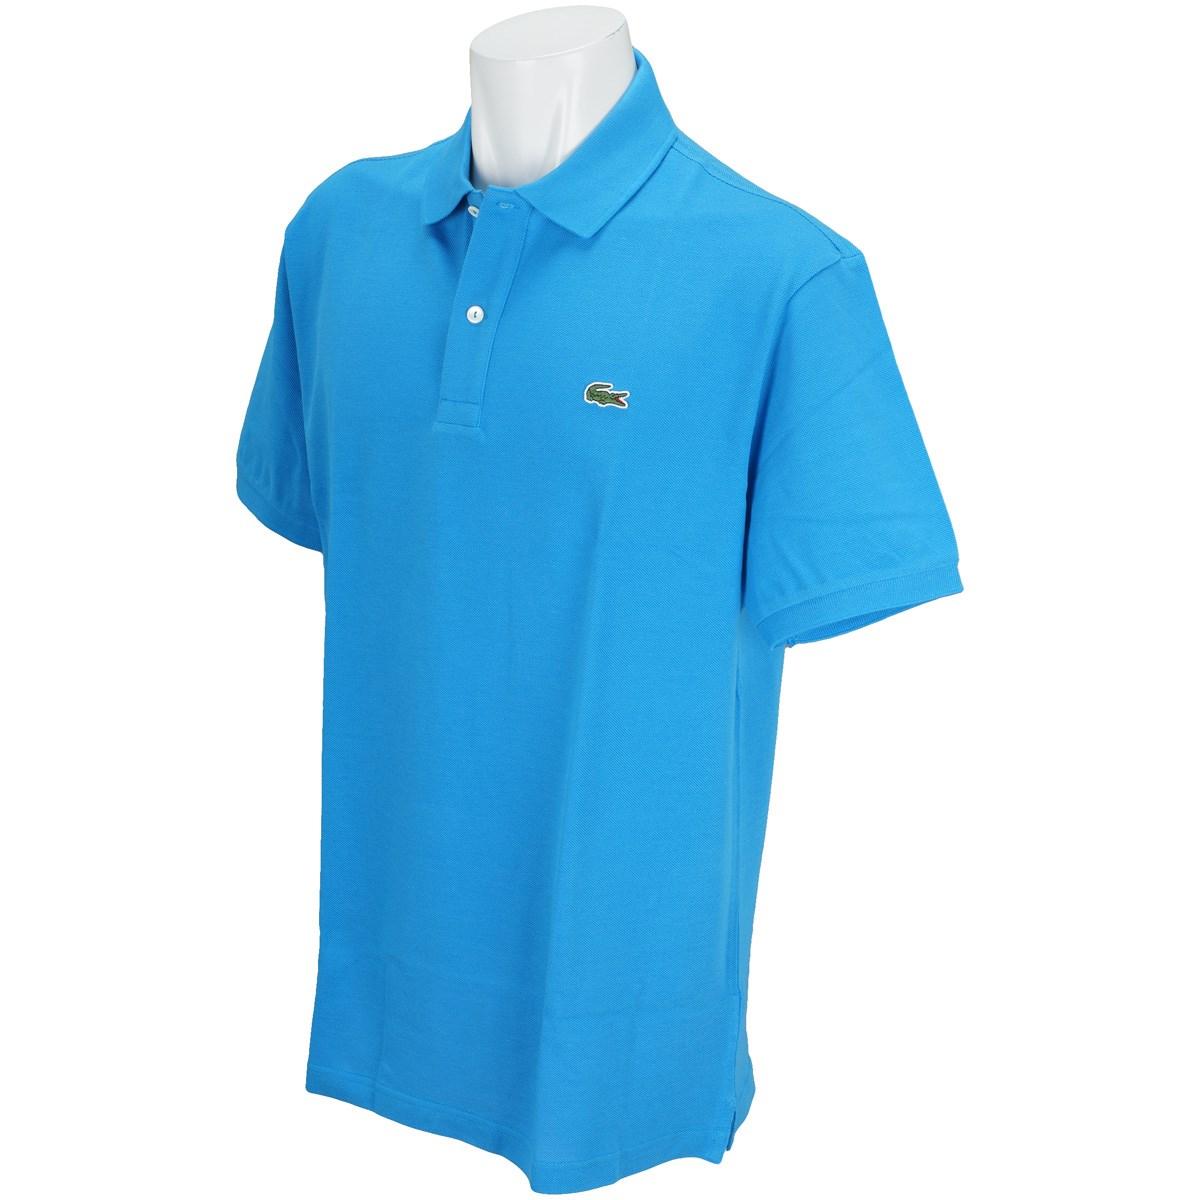 ラコステ スリムフィット半袖ポロシャツ